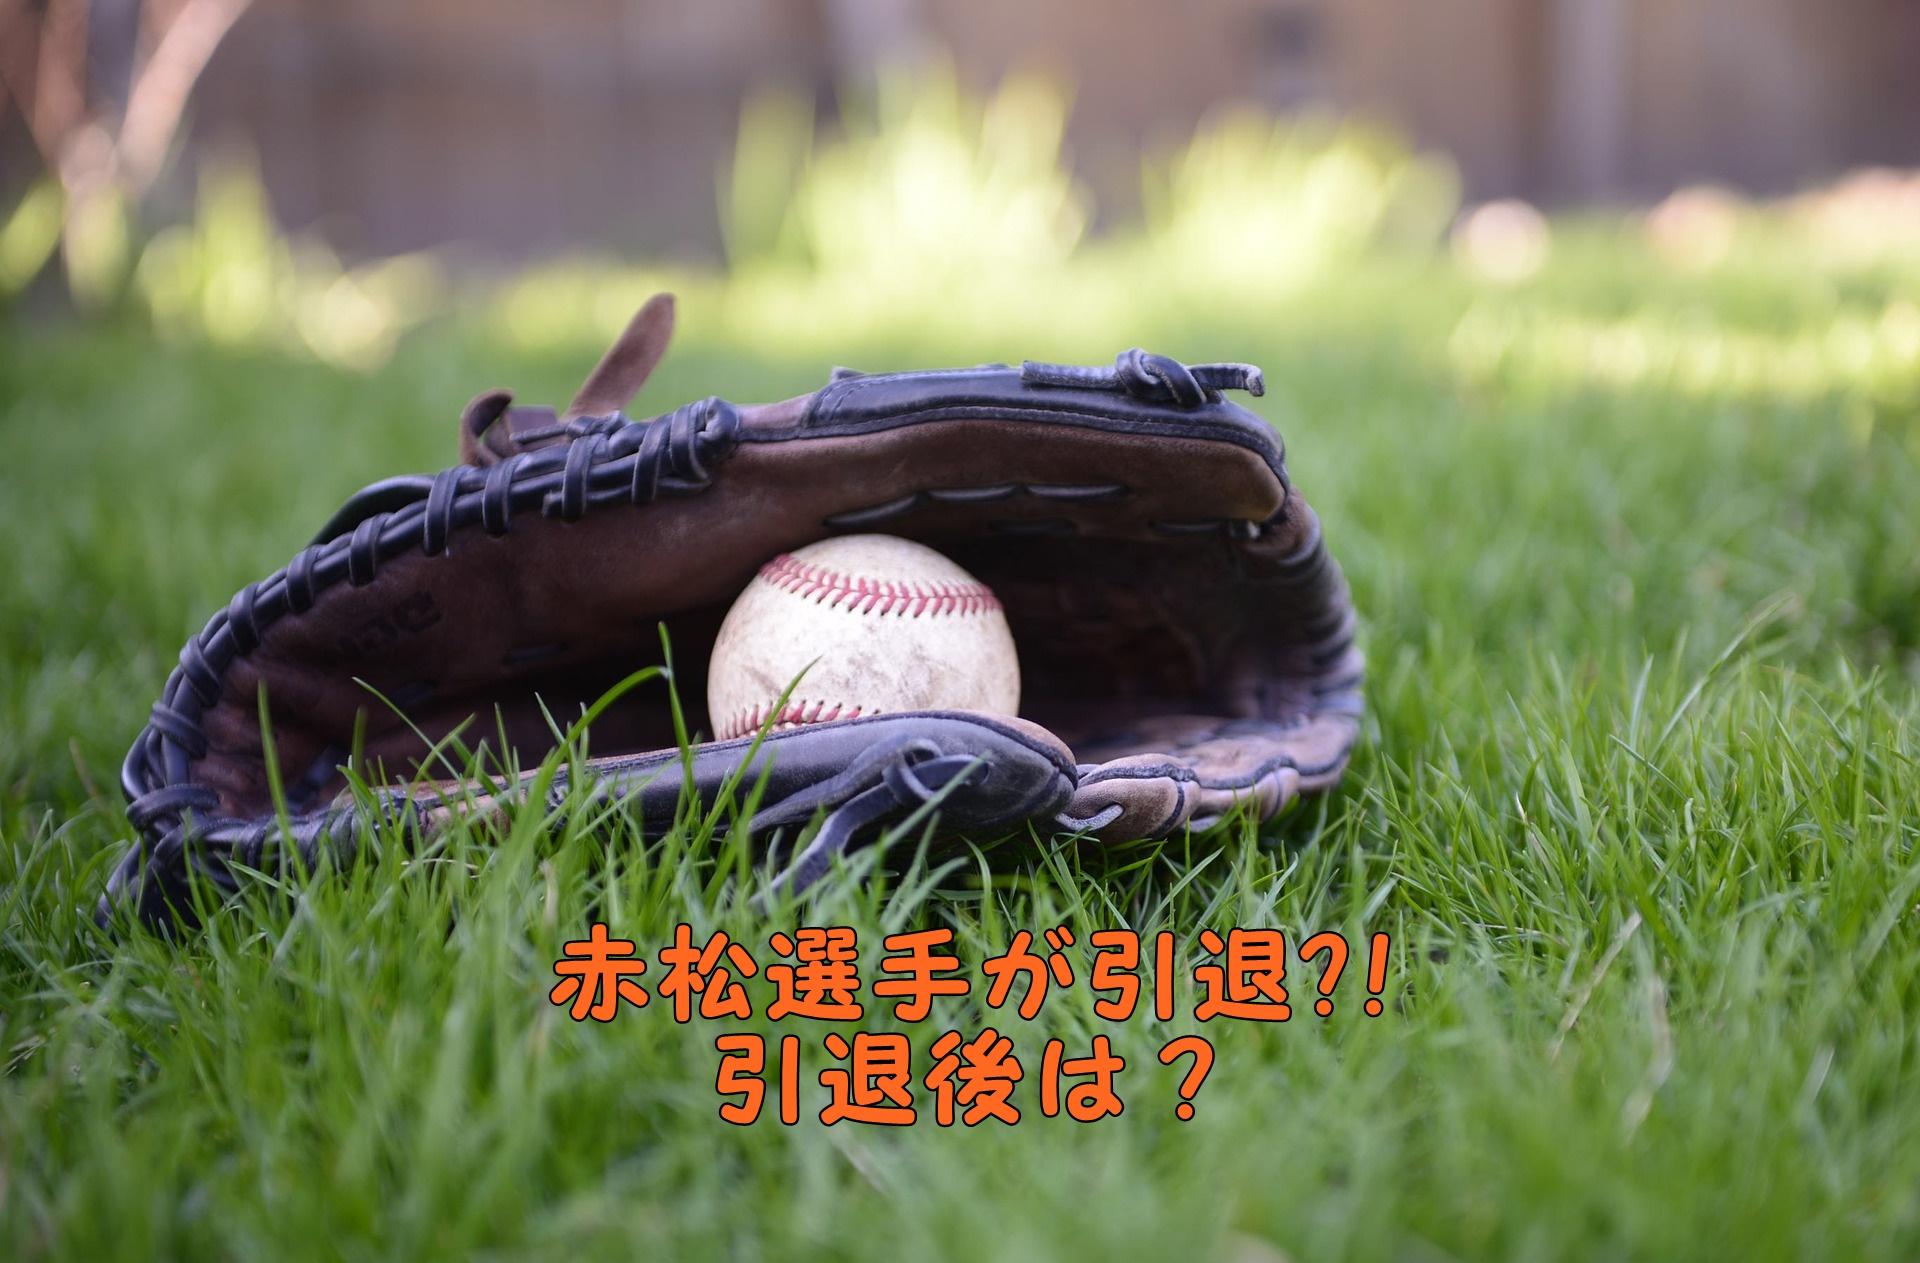 広島カープ赤松選手|引退後はどうするのか?引退試合はいつどこの球場で